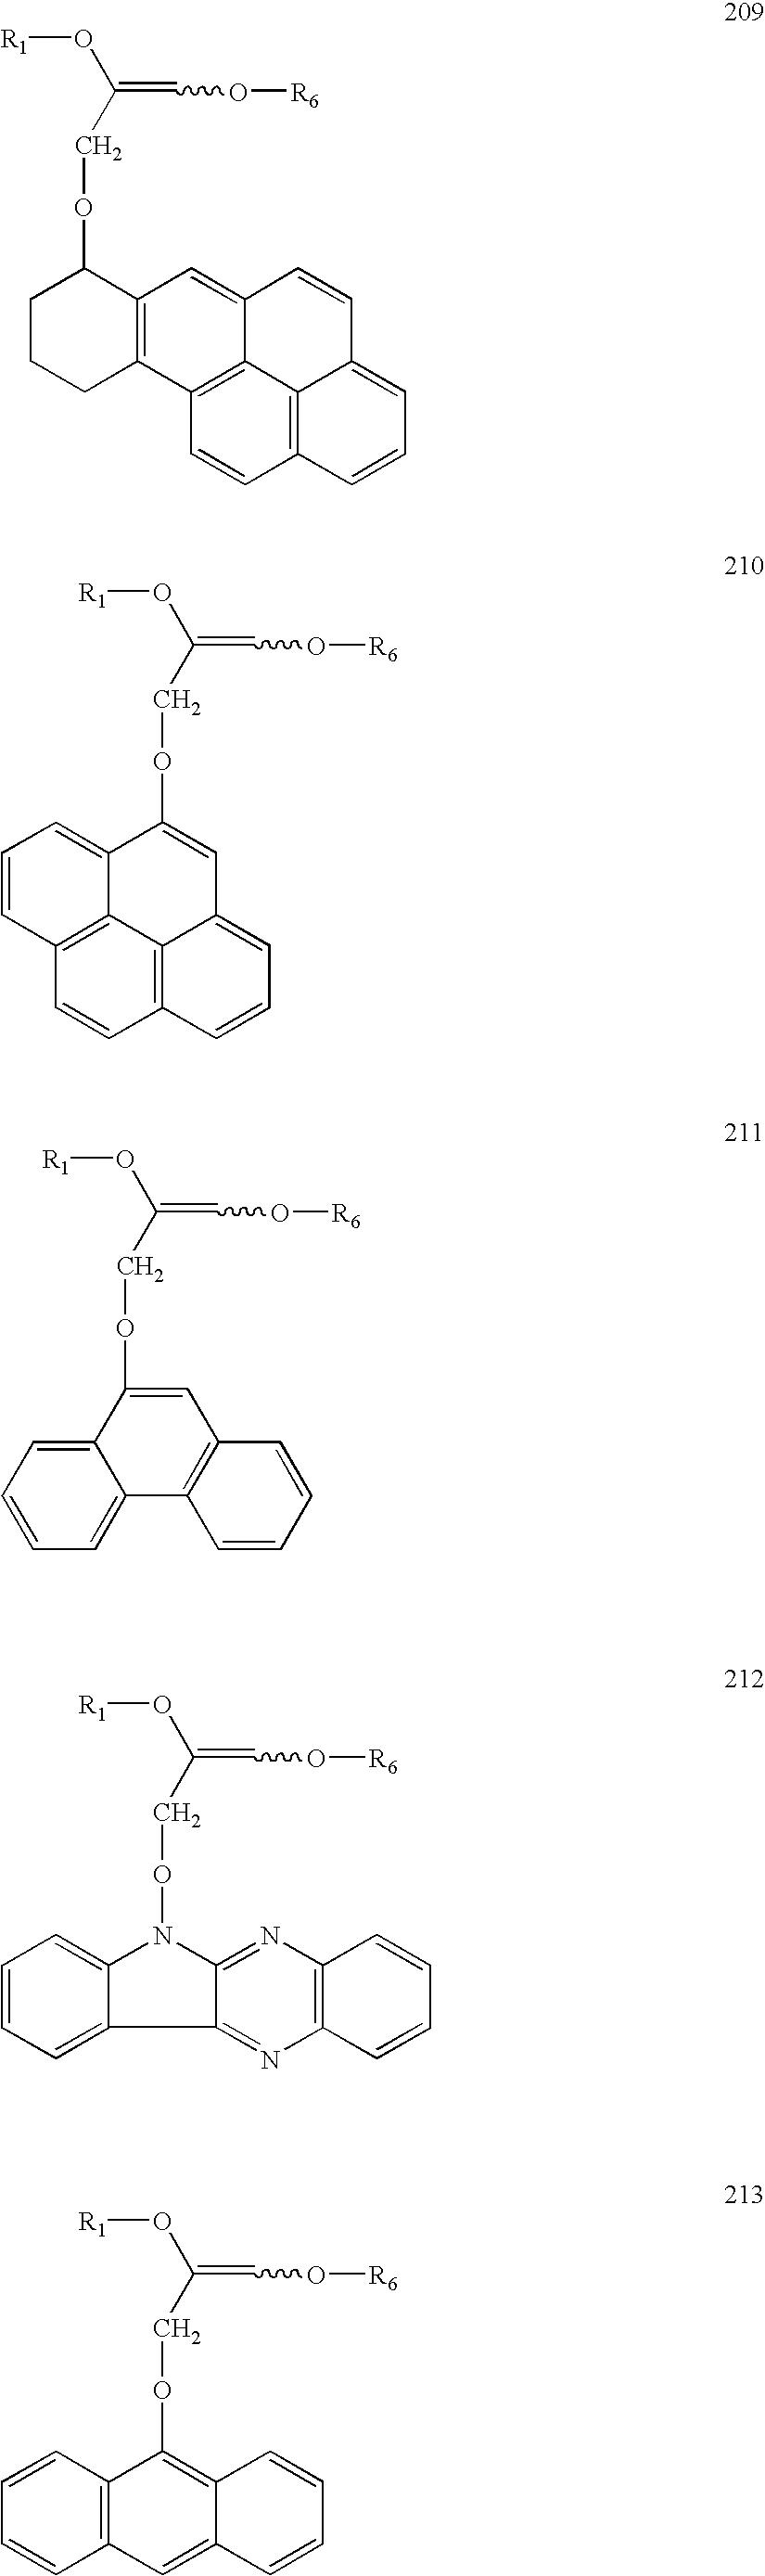 Figure US20060014144A1-20060119-C00134